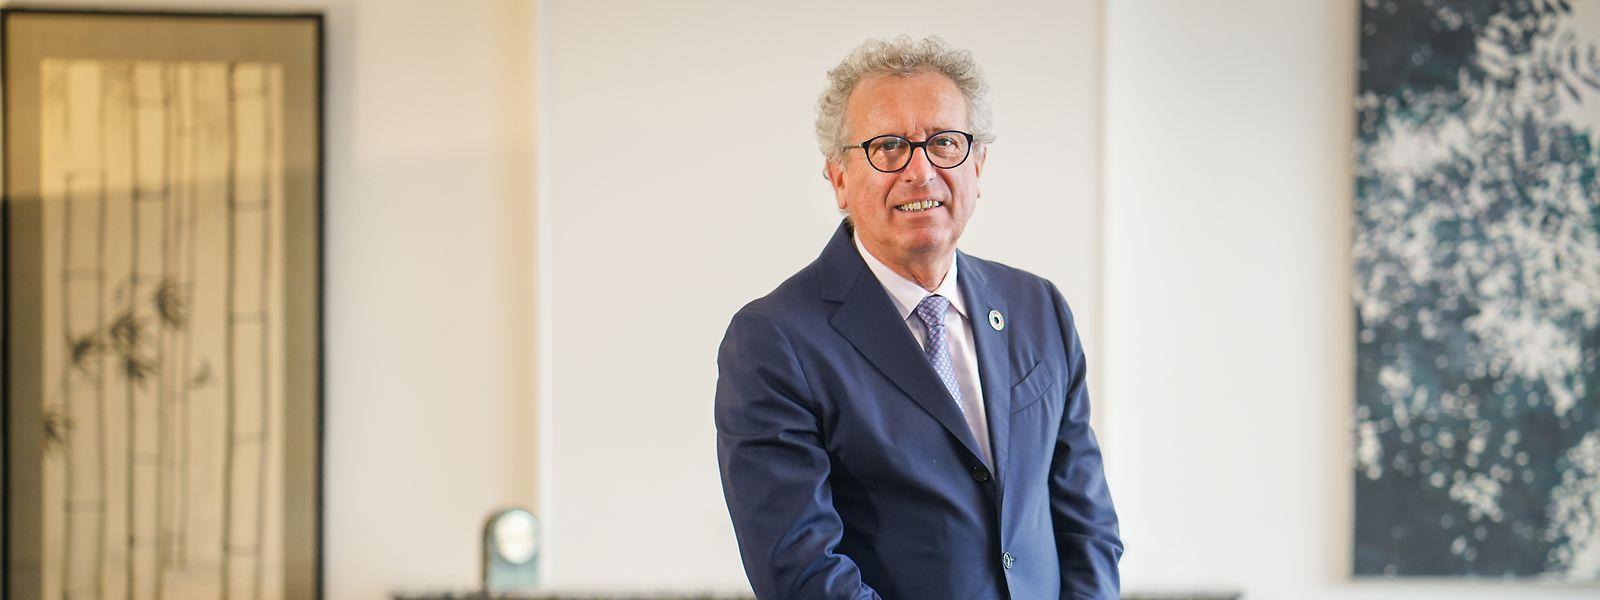 Pierre Gramegna annoncera mercredi des mesures fiscales afin de garantir la justice et de lutter contre les abus.